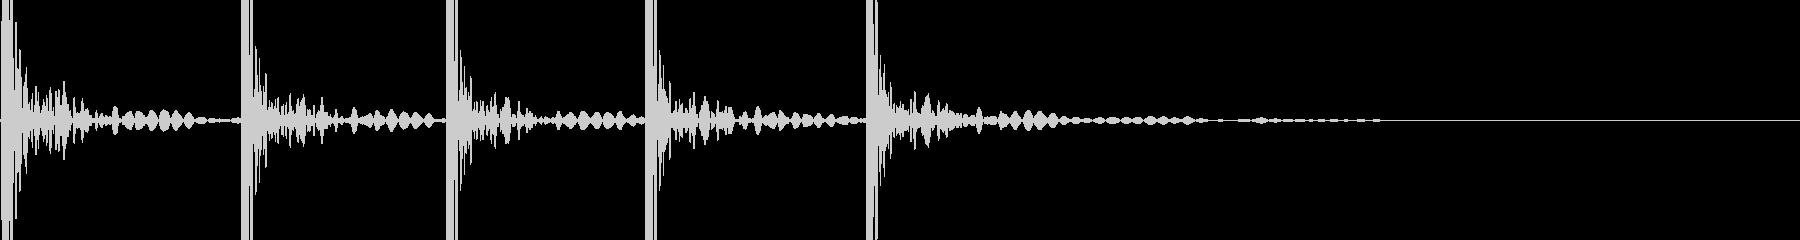 ドンドンドンドンドン (ドアを叩く音)の未再生の波形